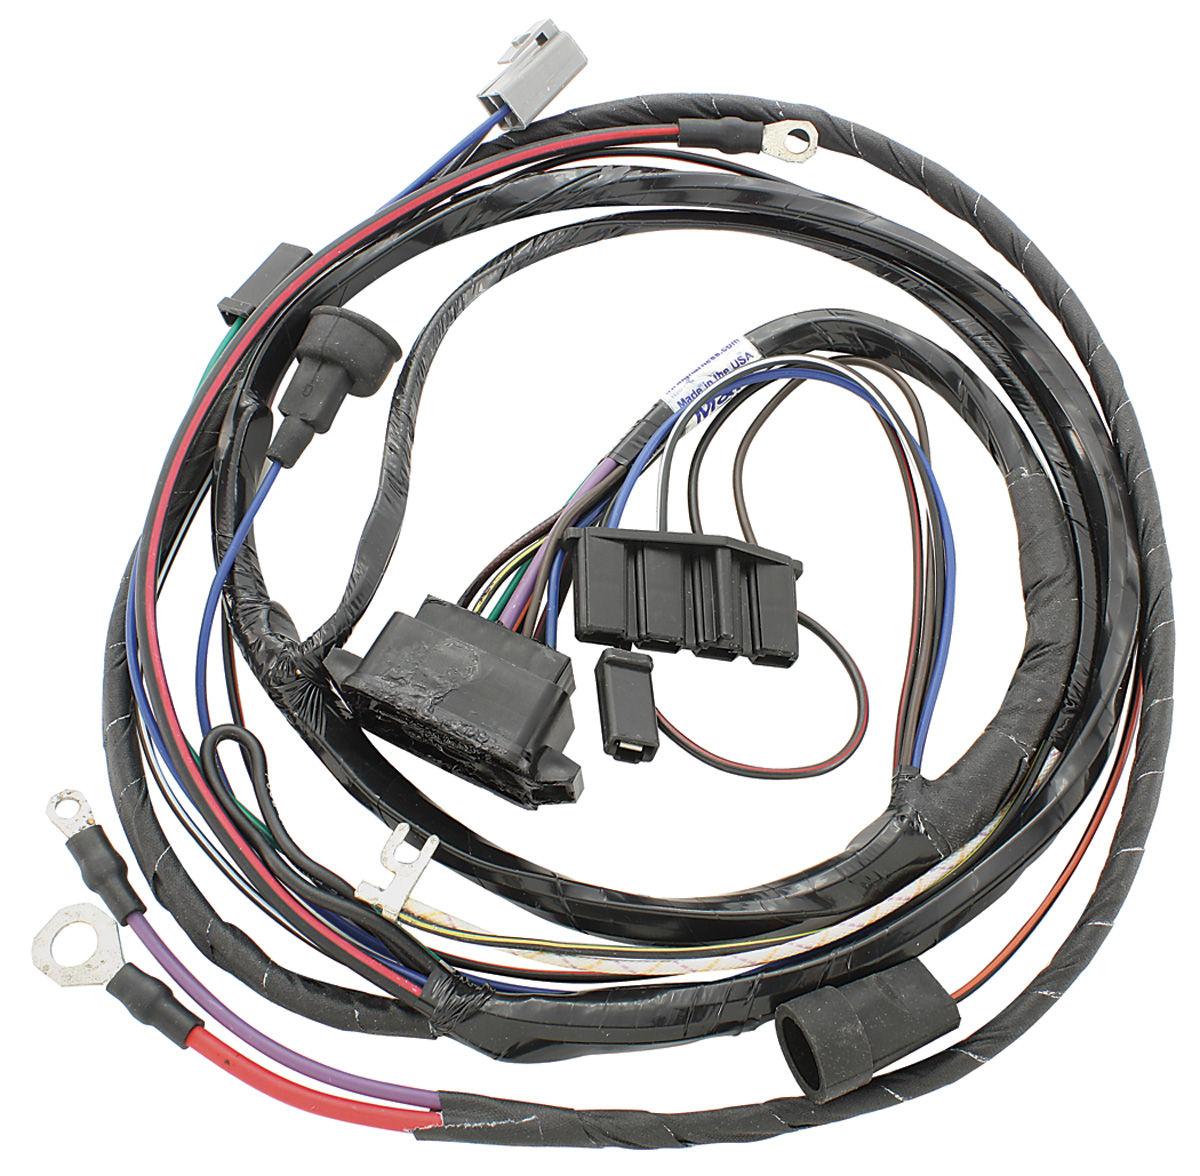 Light Switch Wiring Diagram 68 Gto: M&H 1967 GTO Engine Harness V8 W/Ram Air @ OPGI.com